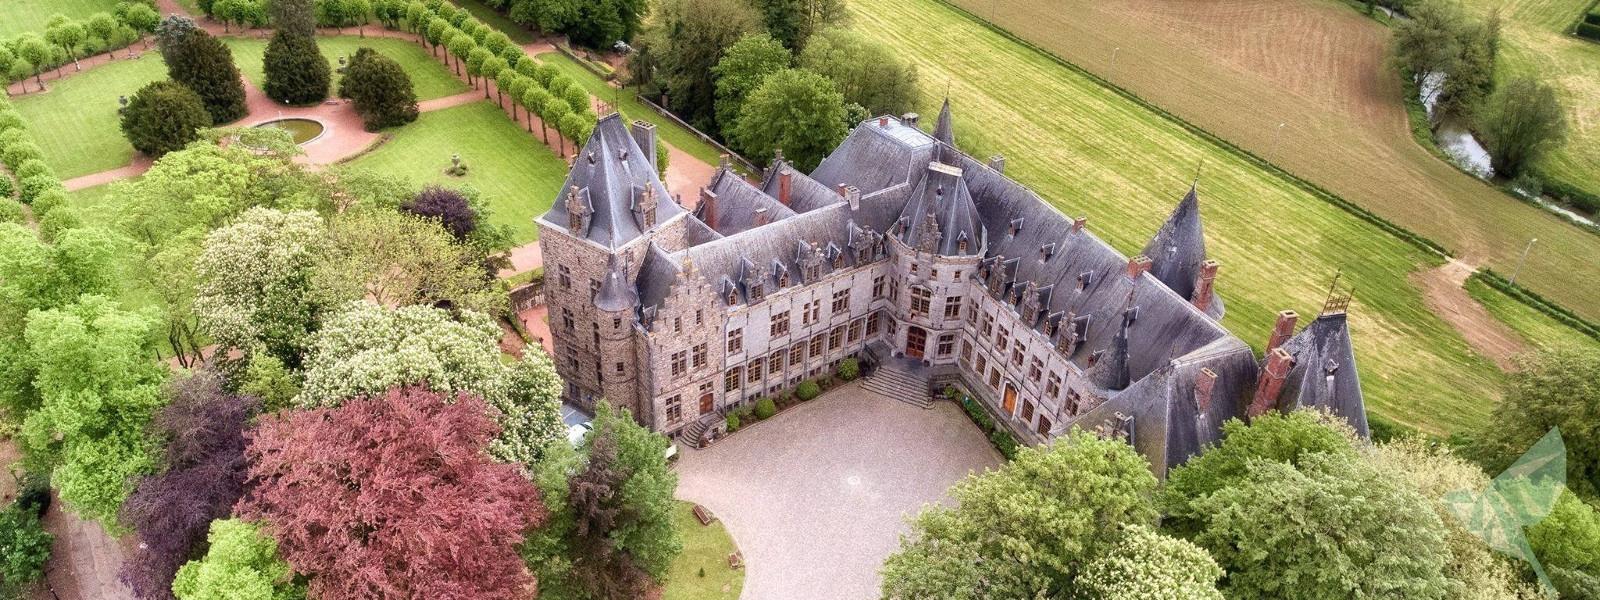 Commune de Ham-sur-Heure-Nalinnes | Le Château vue du ciel